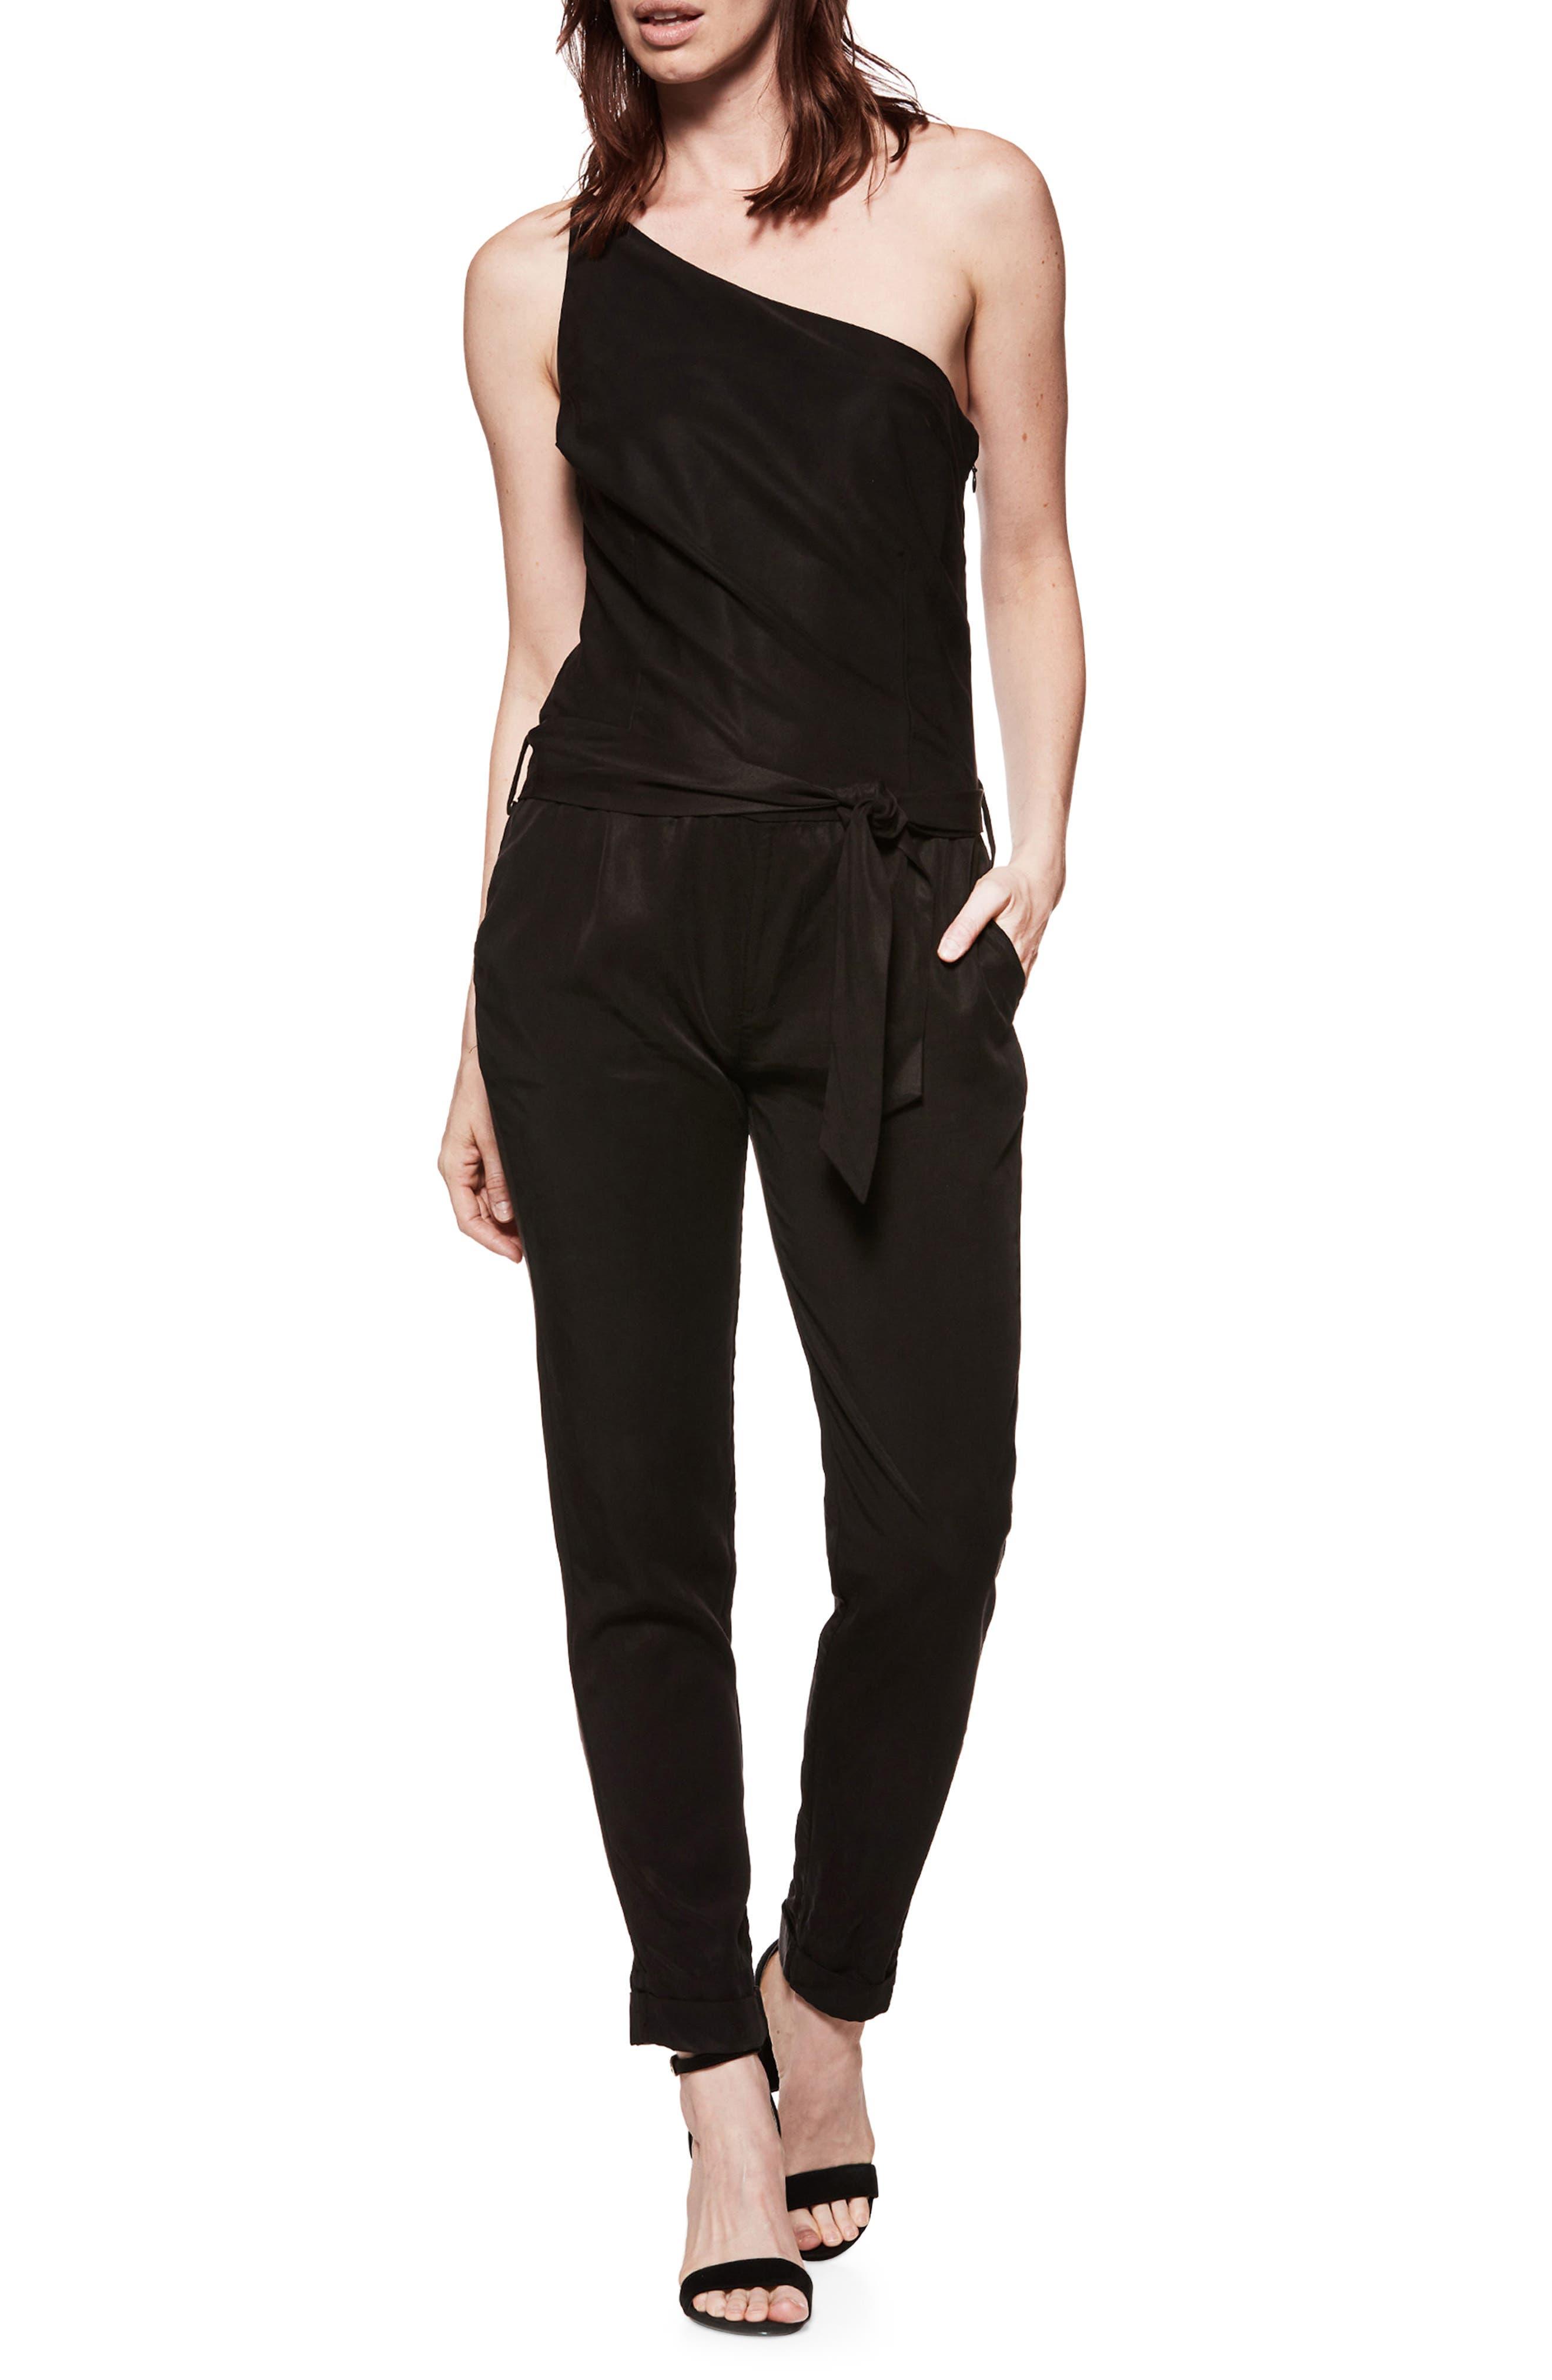 Maise One-Shoulder Jumpsuit,                         Main,                         color, Black